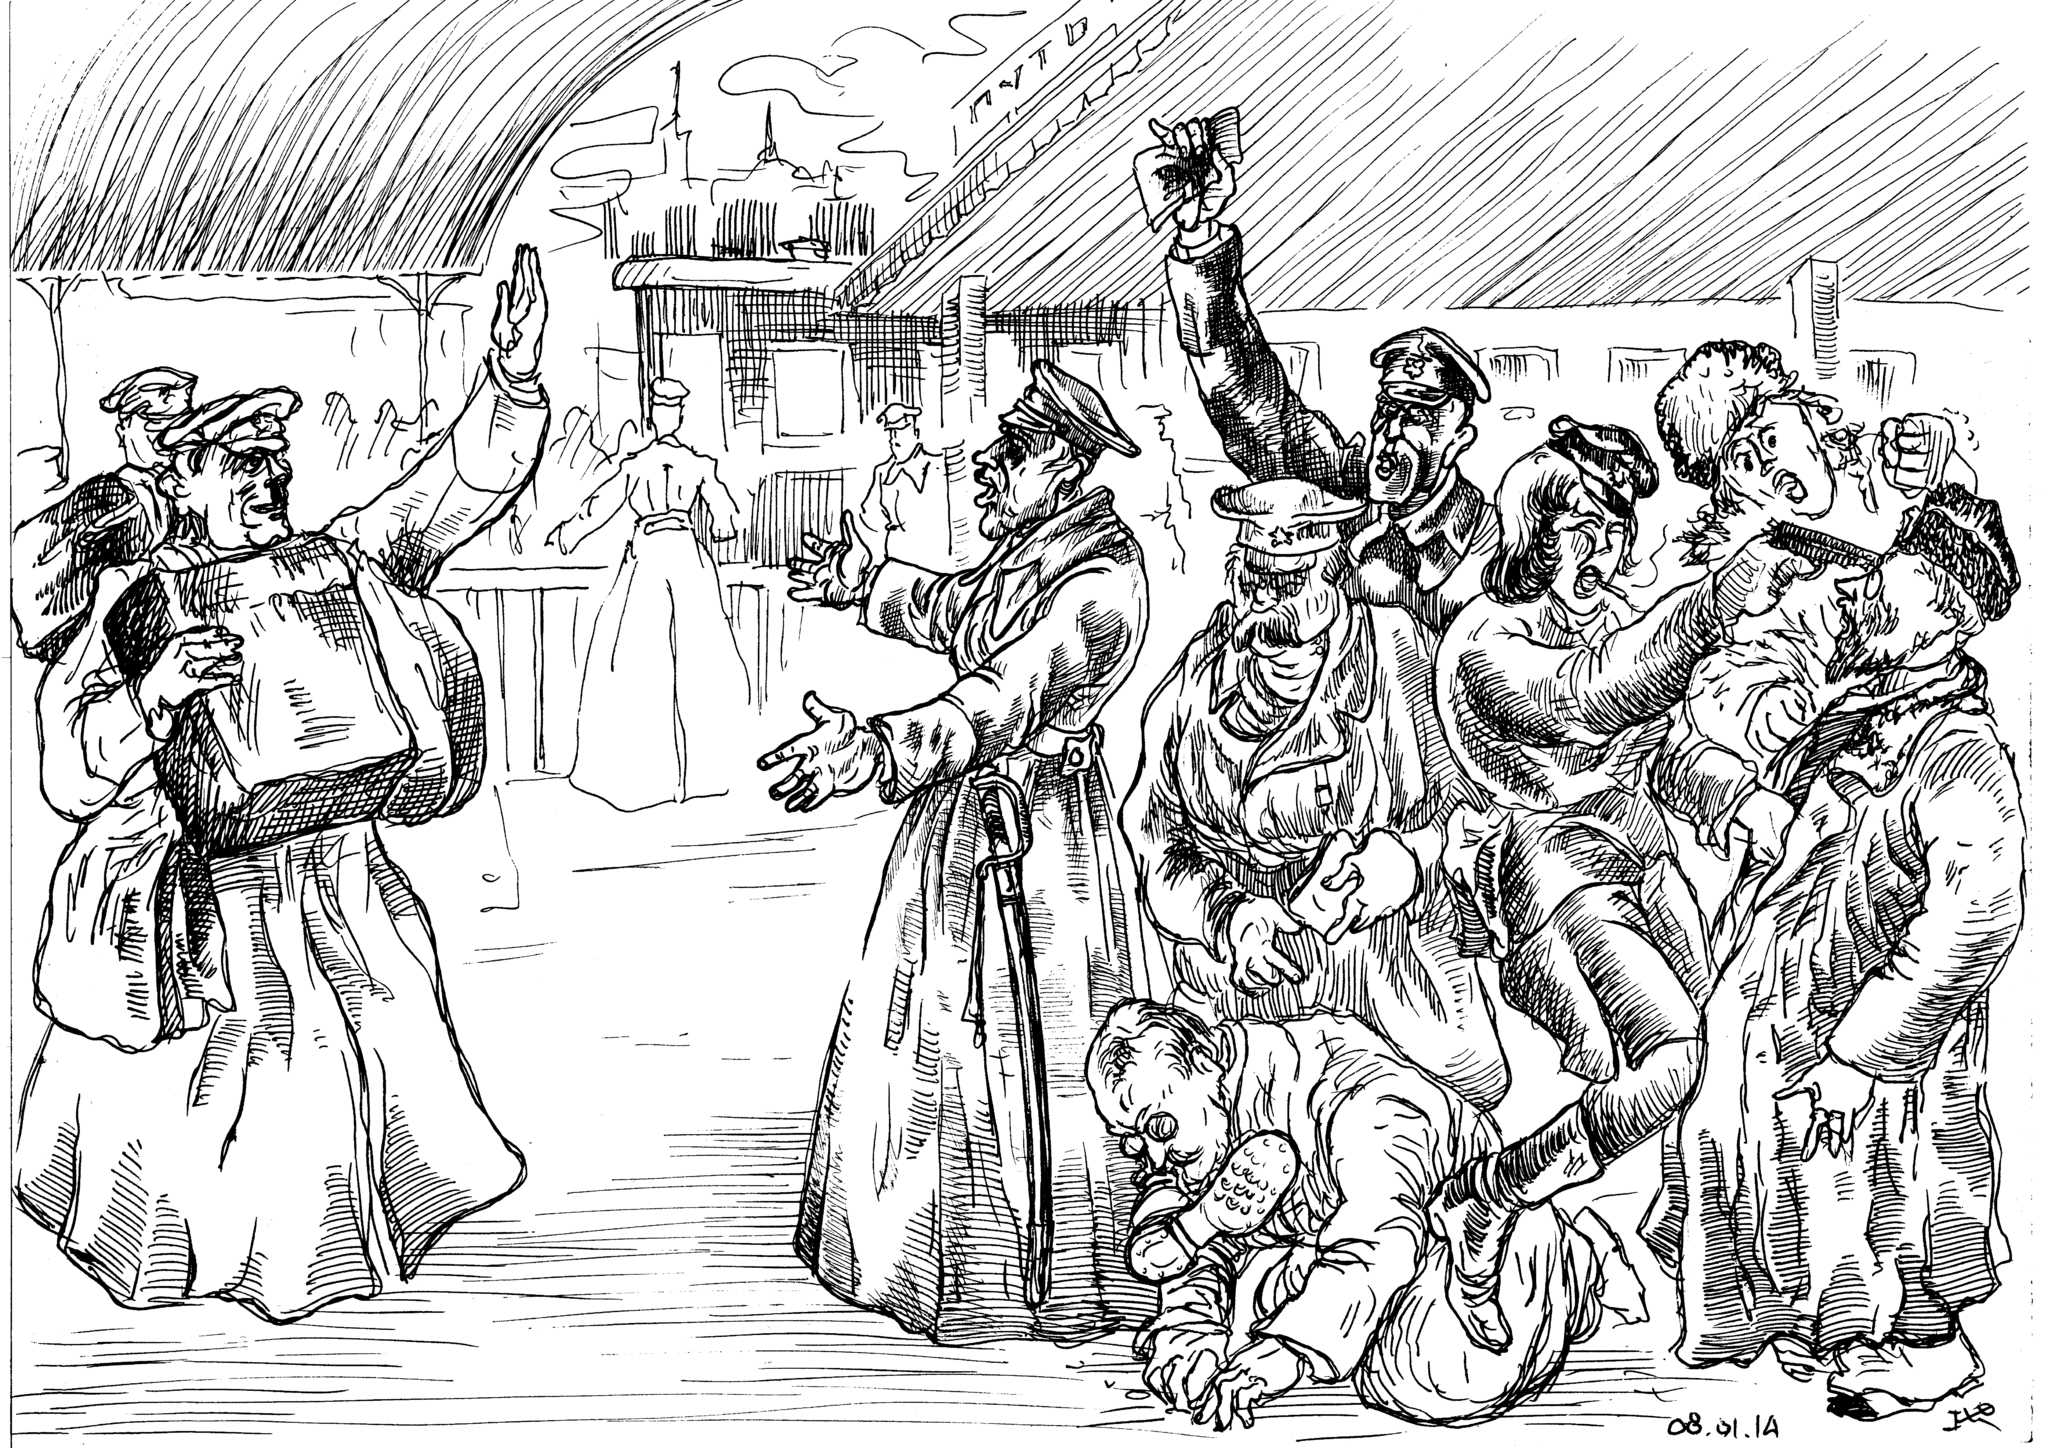 Чекисты, с удовольствием убивавшие русских людей, были как мужского, так и женского пола